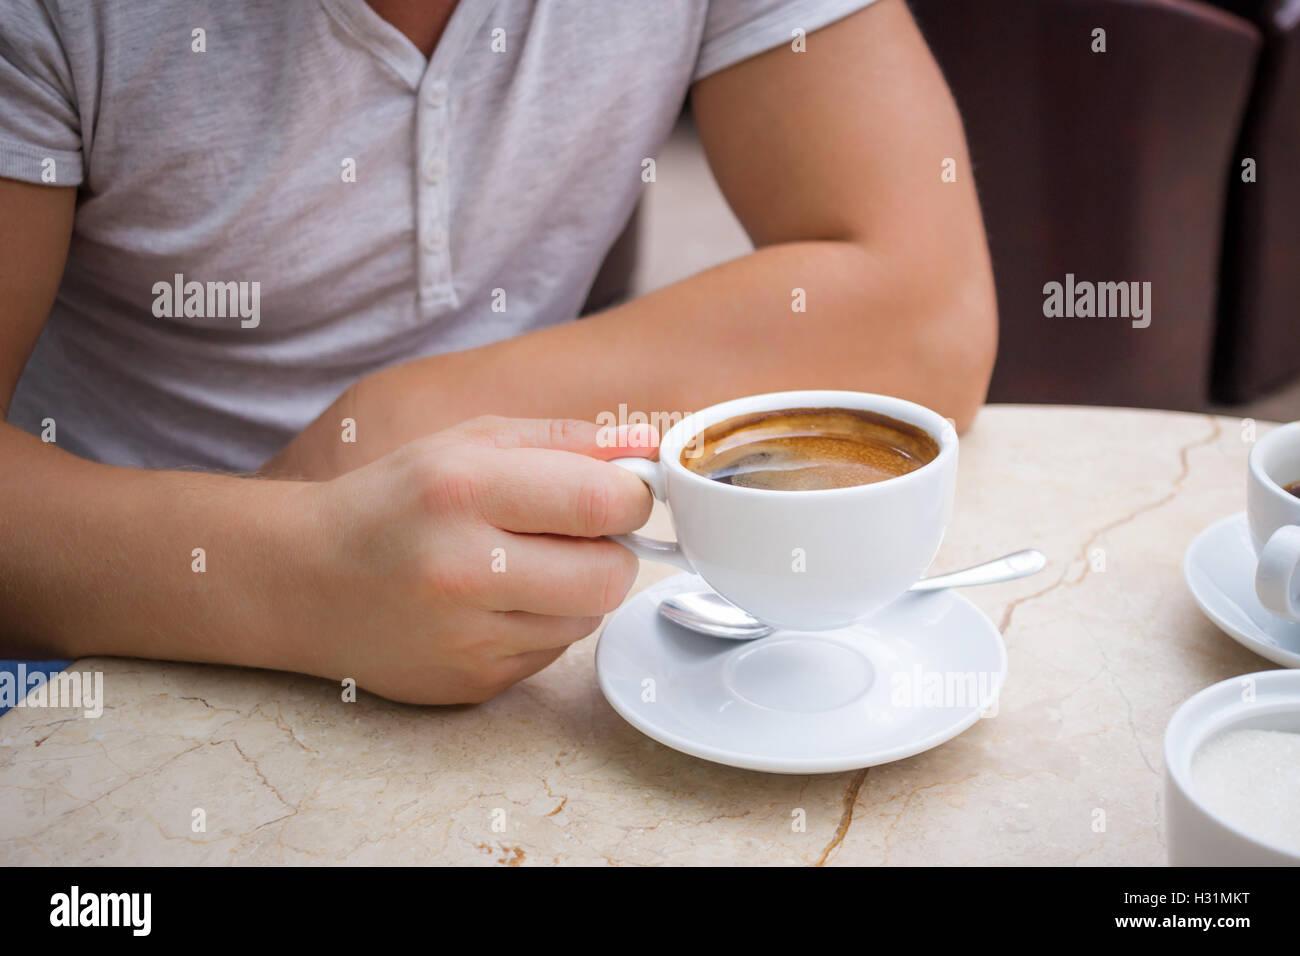 Uomo al tavolo di marmo contiene una tazza di caffè americano nella sua mano Immagini Stock